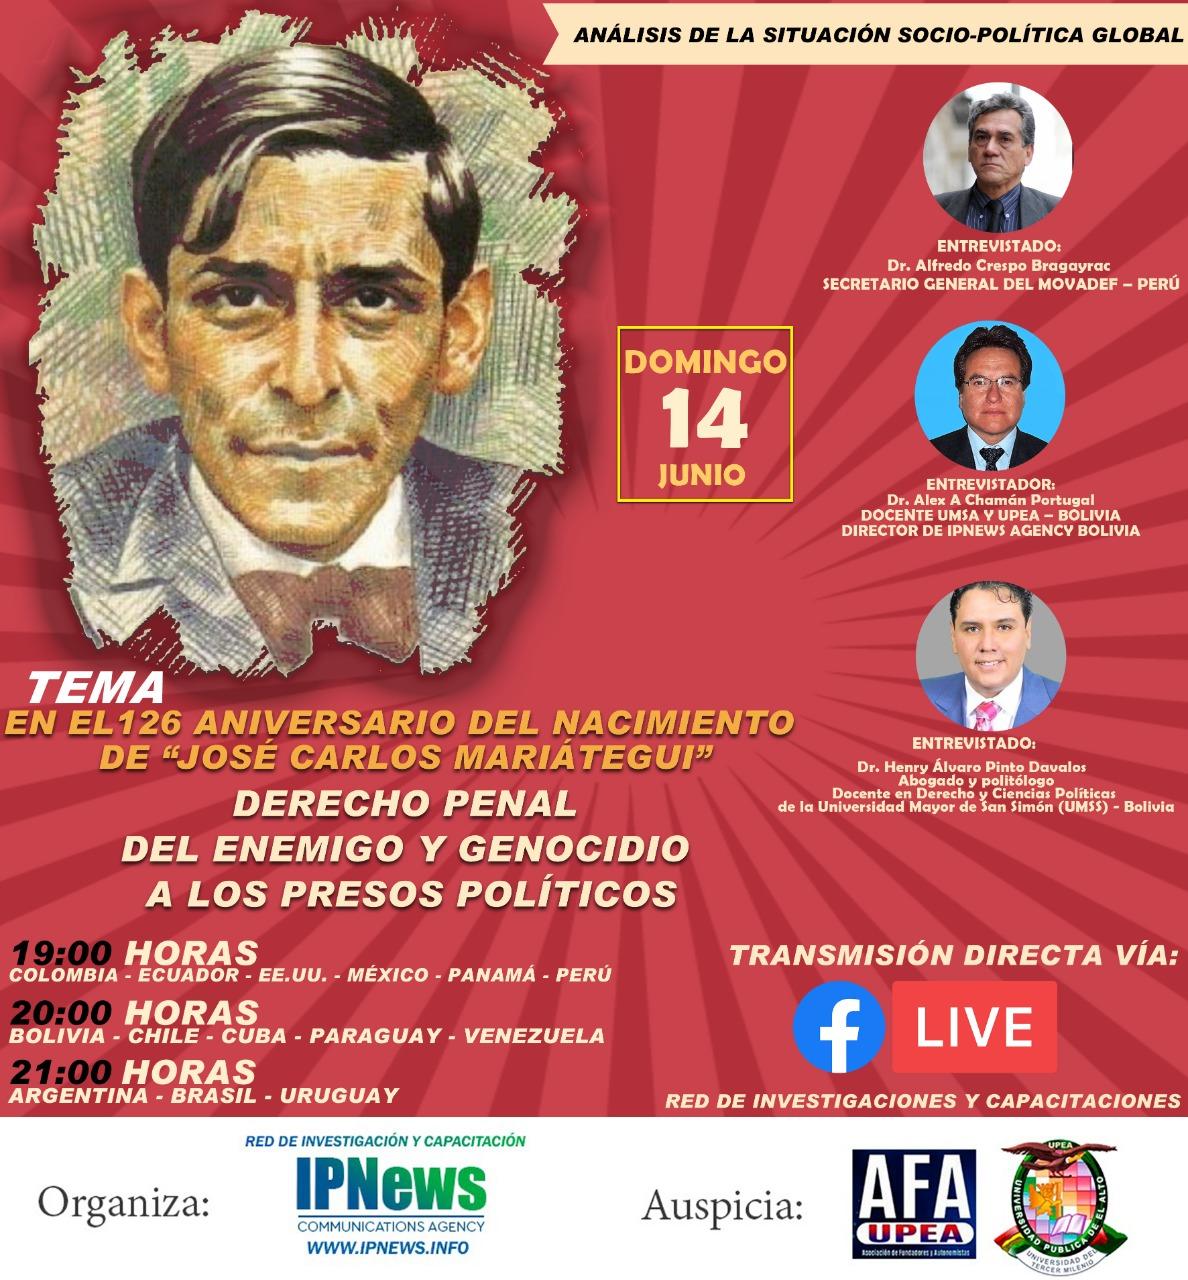 PERÚ: DERECHO PENAL DEL ENEMIGO Y GENOCIDIO CONTRA LOS PRESOS POLÍTICOS.